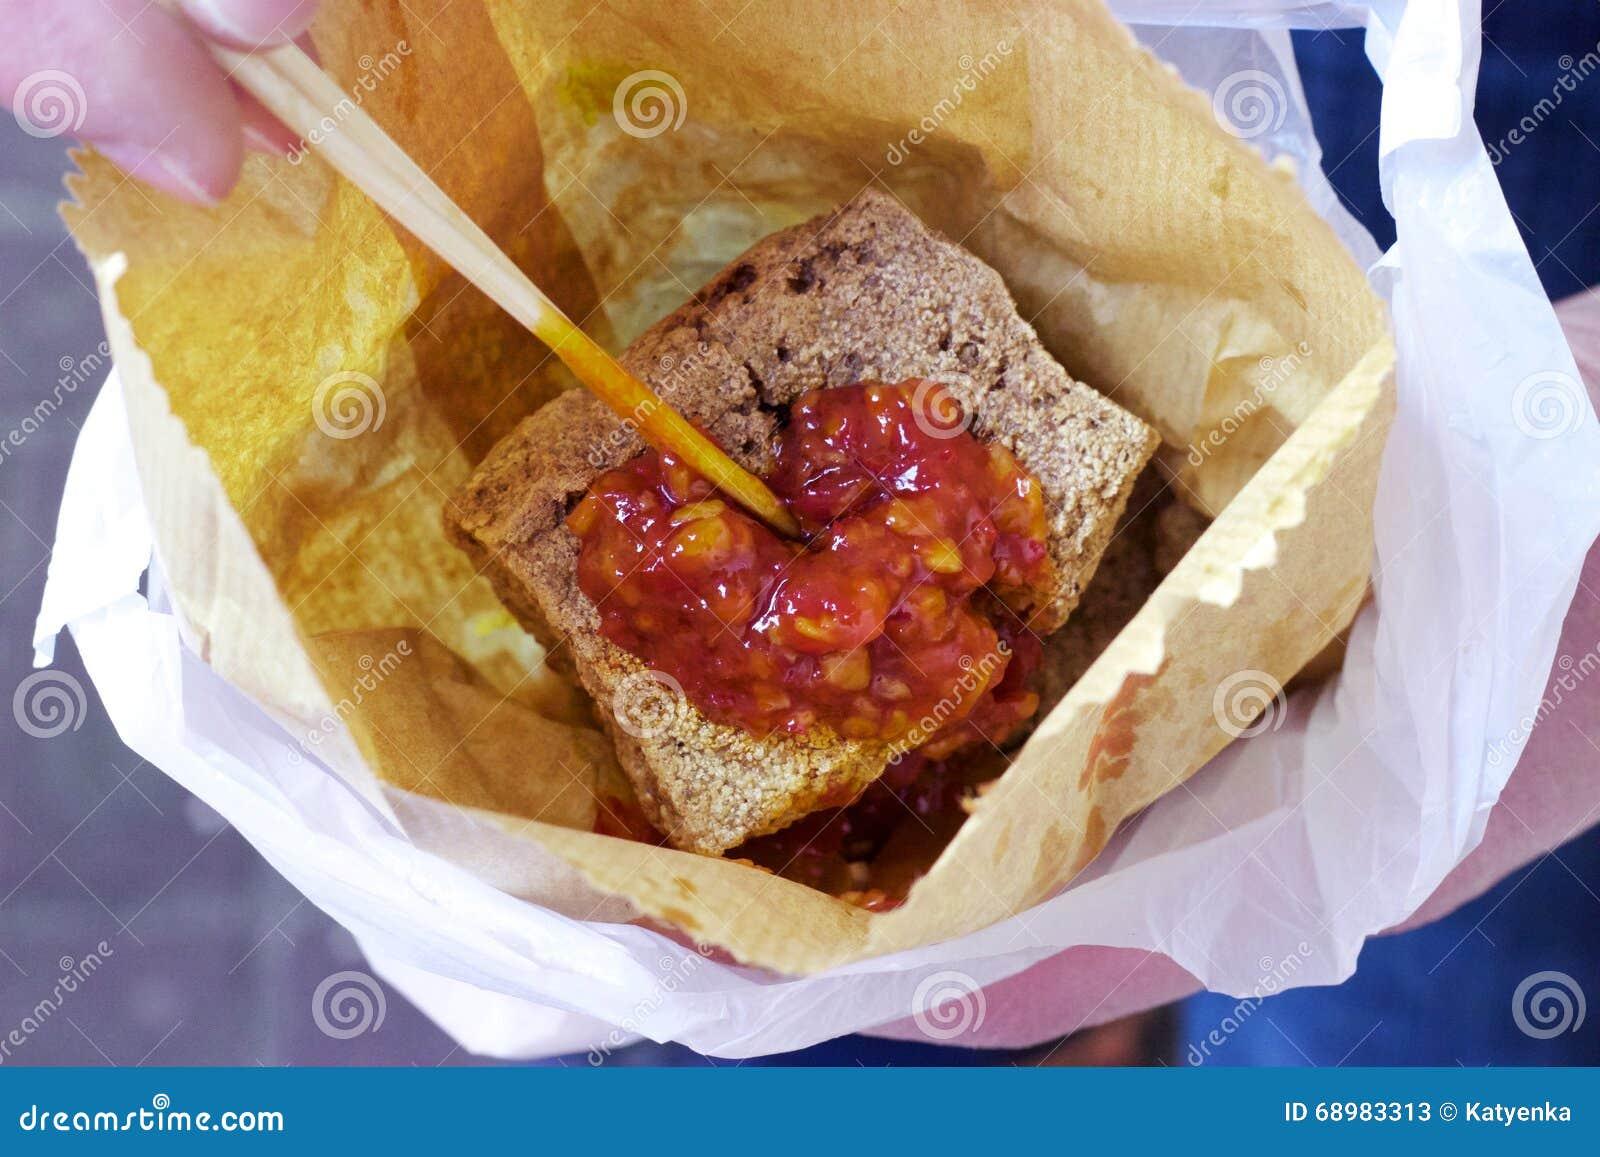 Hong Kong uliczny jedzenie: Śmierdzacy tofu, chili kumberland, papierowa torba